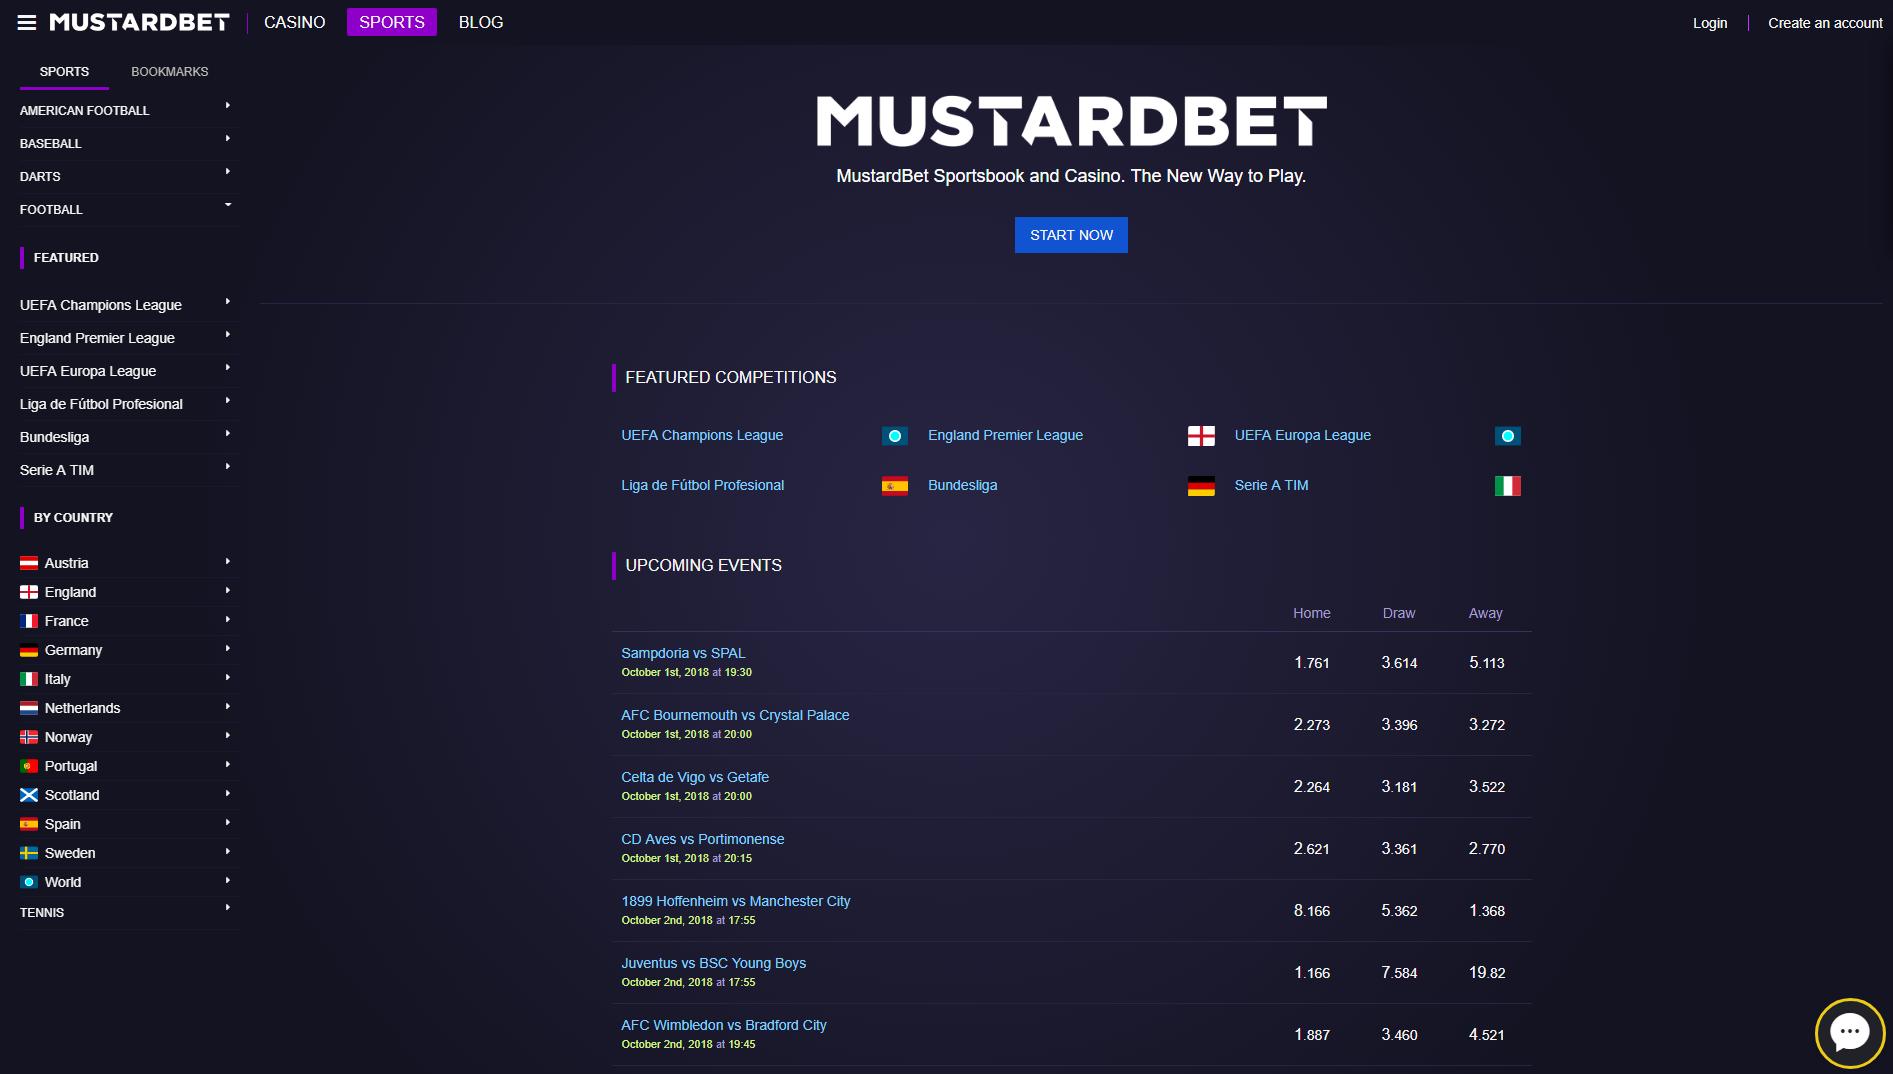 Mustardbet